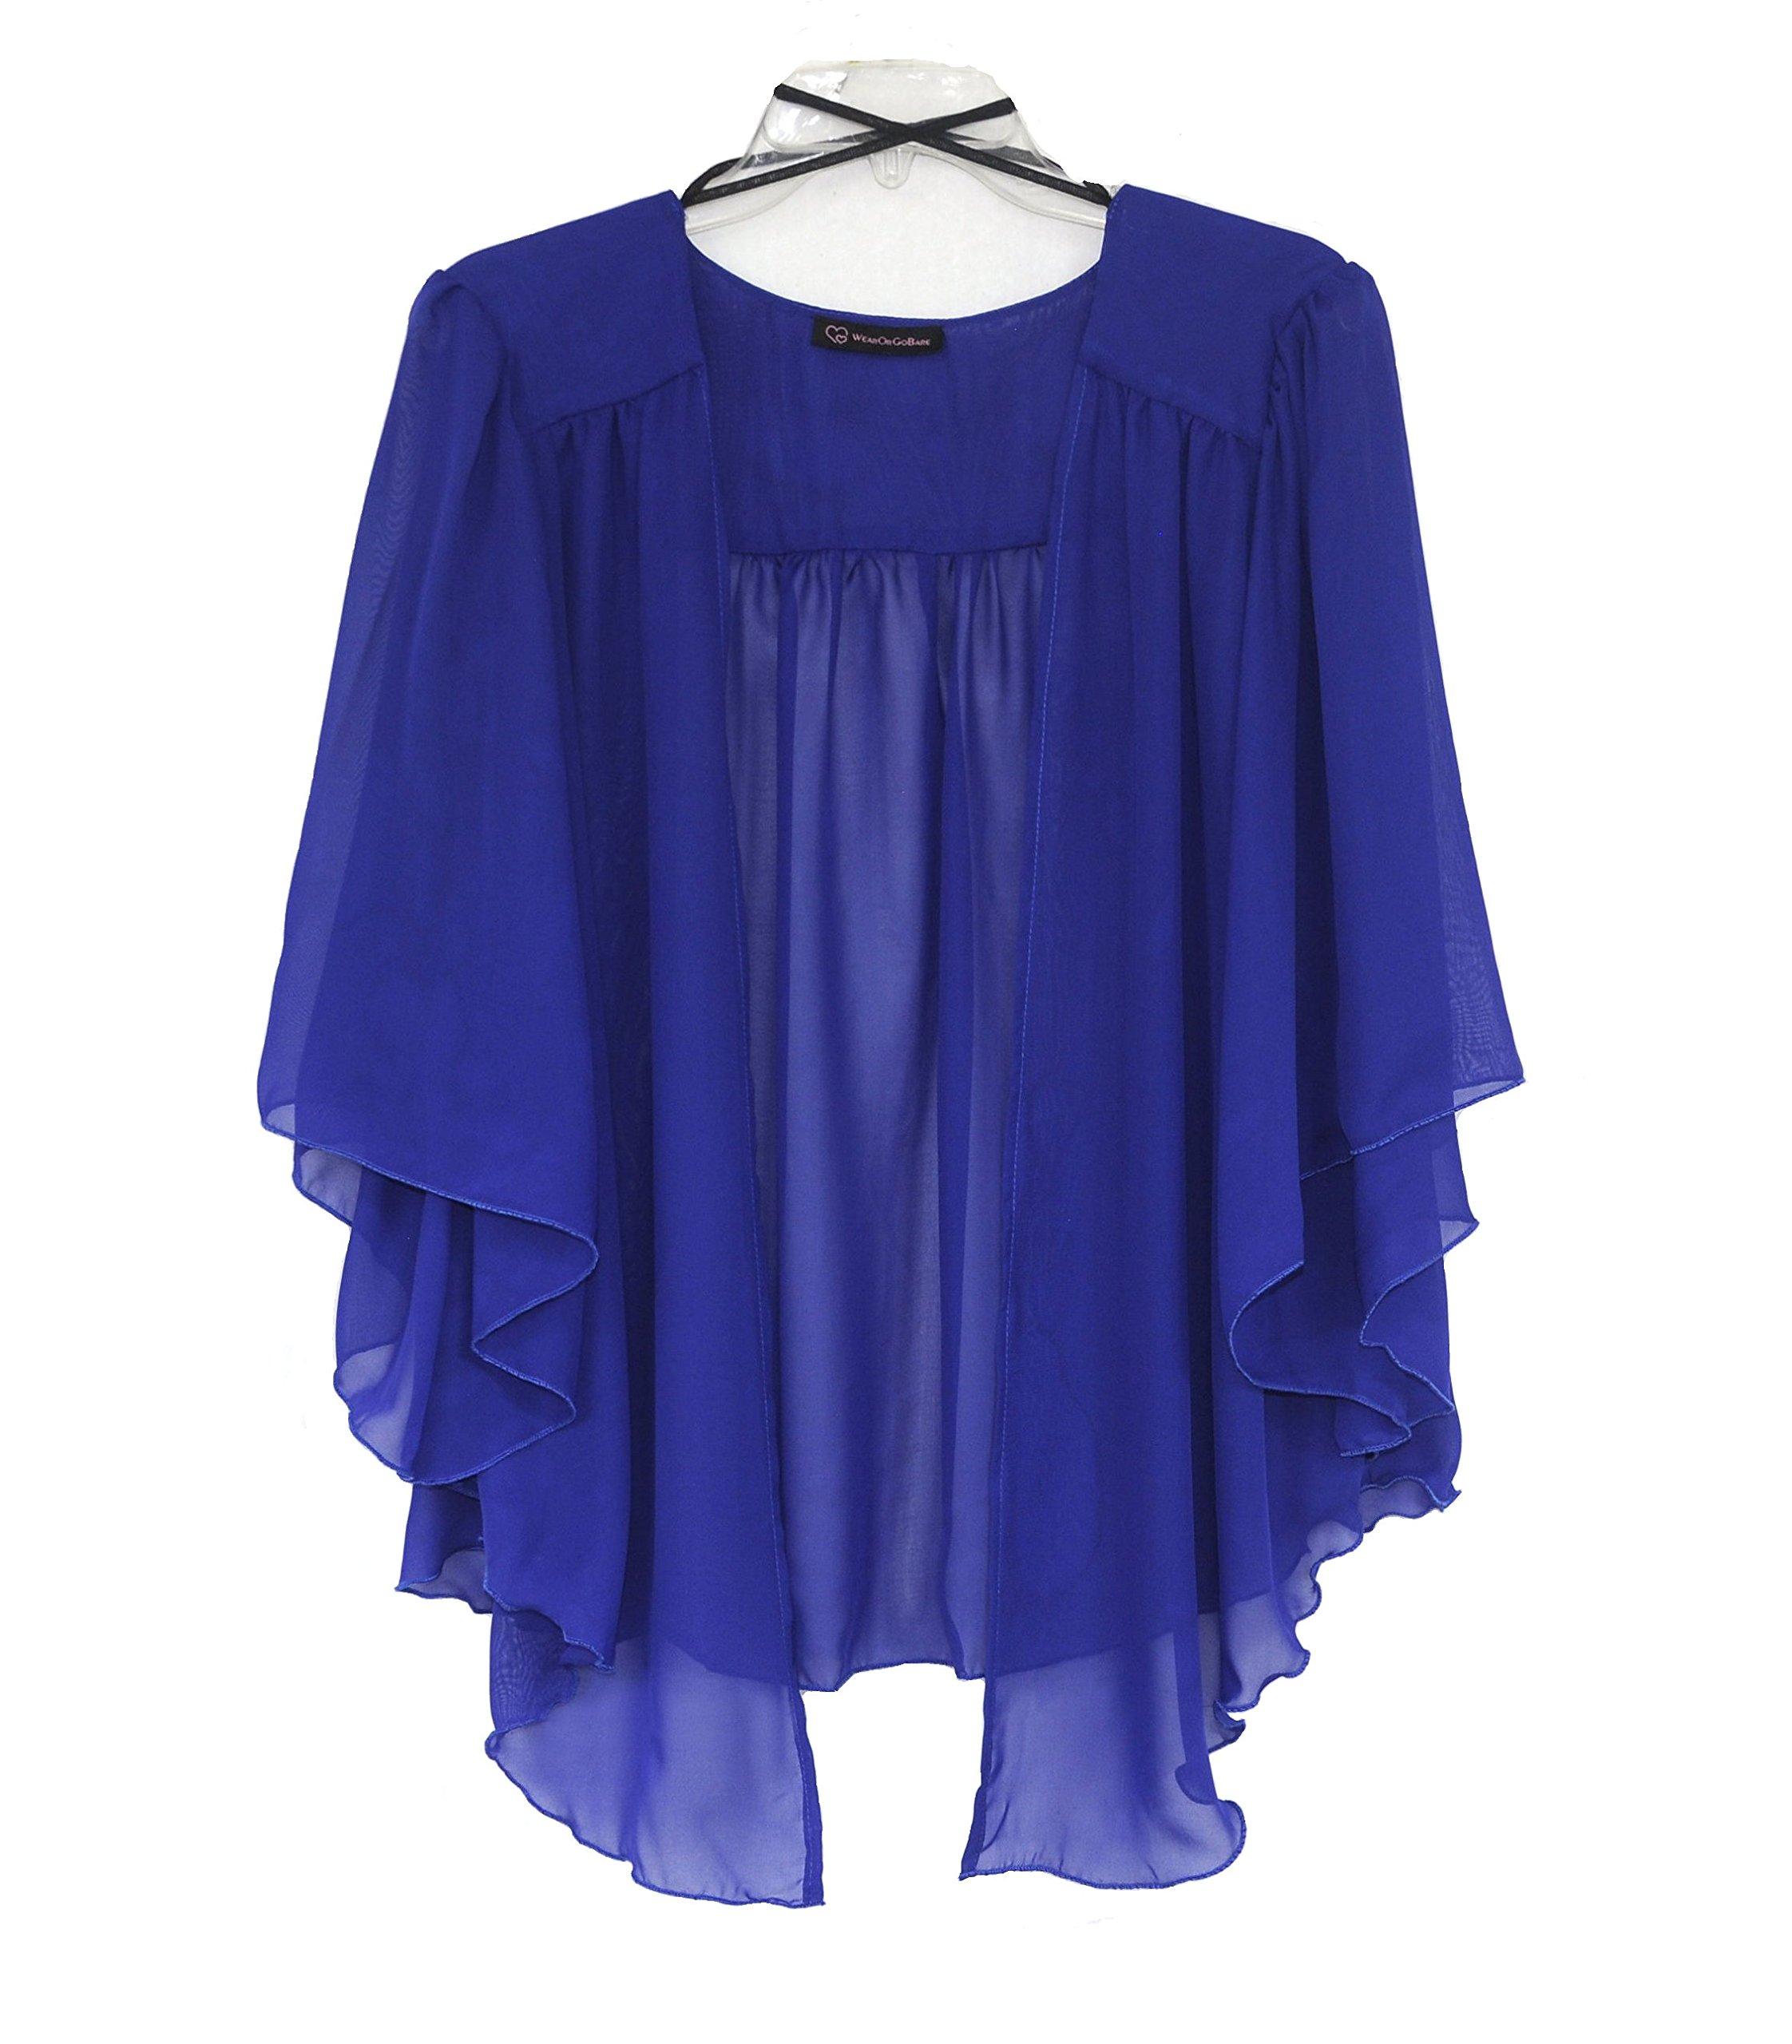 WearOrGoBare Women's Plus Size Cascading Chiffon Bolero Cardigan Shrug Top (4X, Royal)